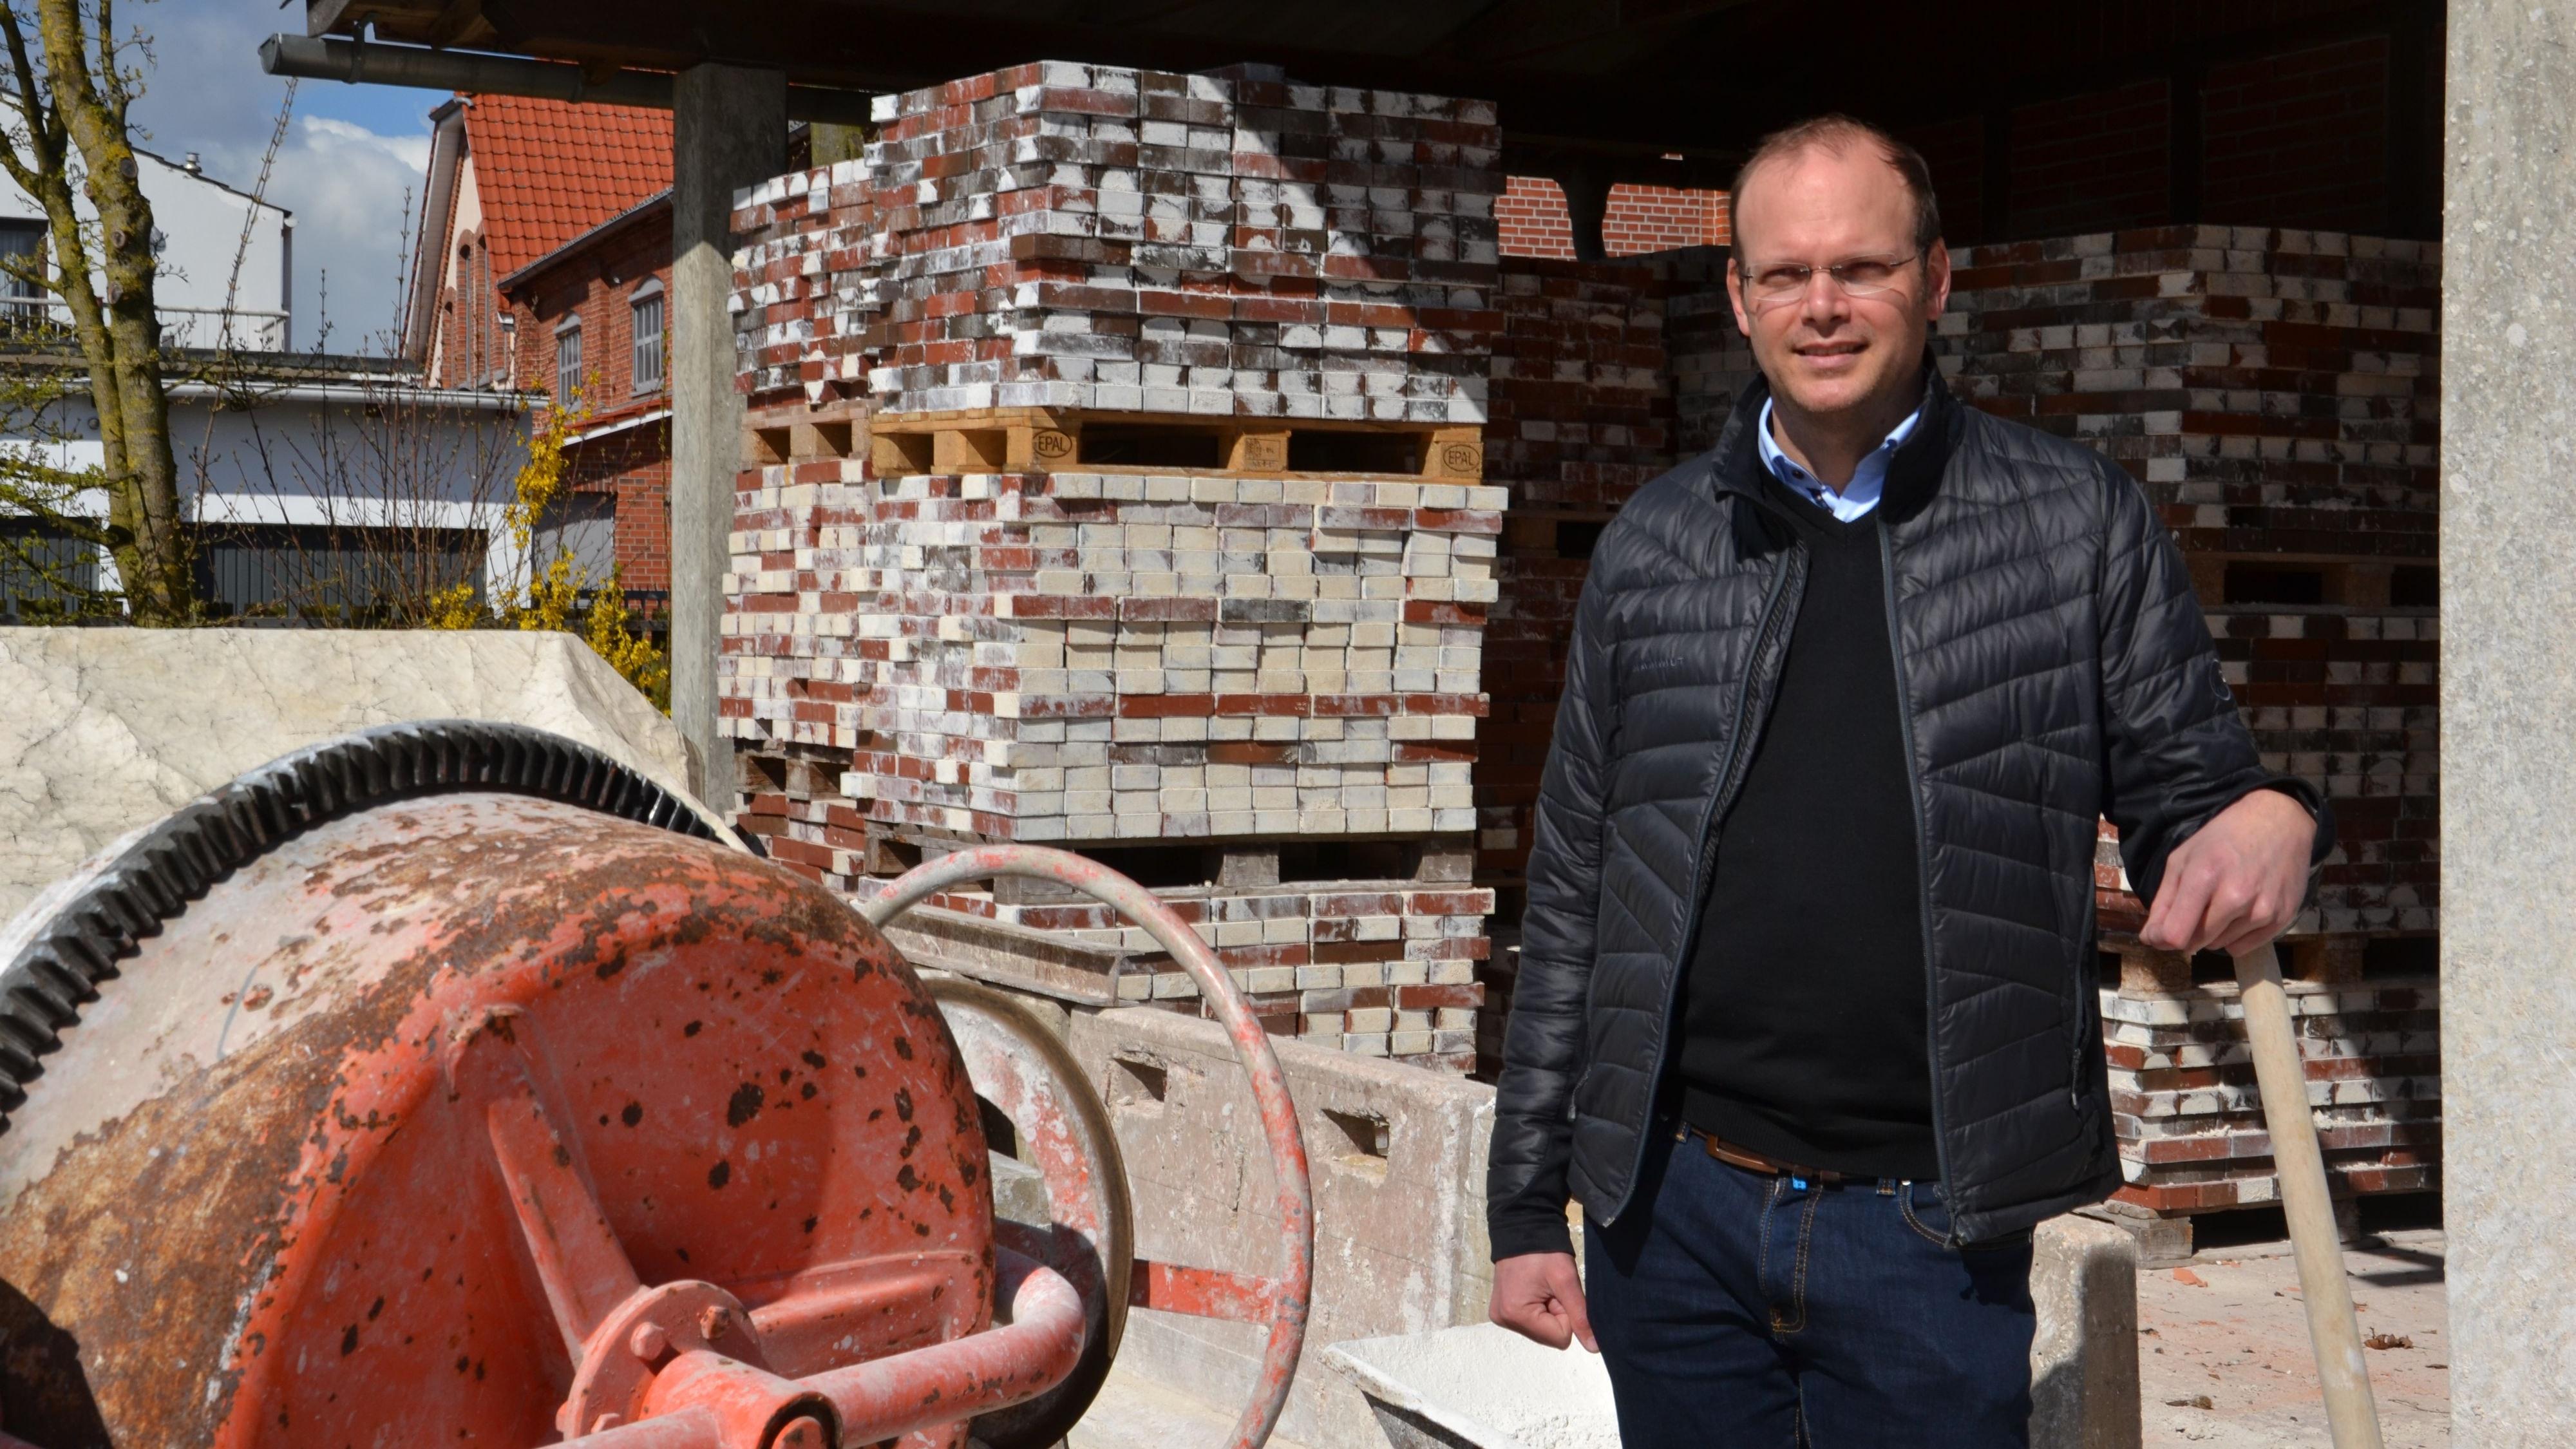 Ingenieur wird Obermeister: Mattias Schöning kennt Baustellen seit seiner Kindheit und hat als Diplomingenieur in großen Unternehmen gearbeitet.Foto: Bernd Götting